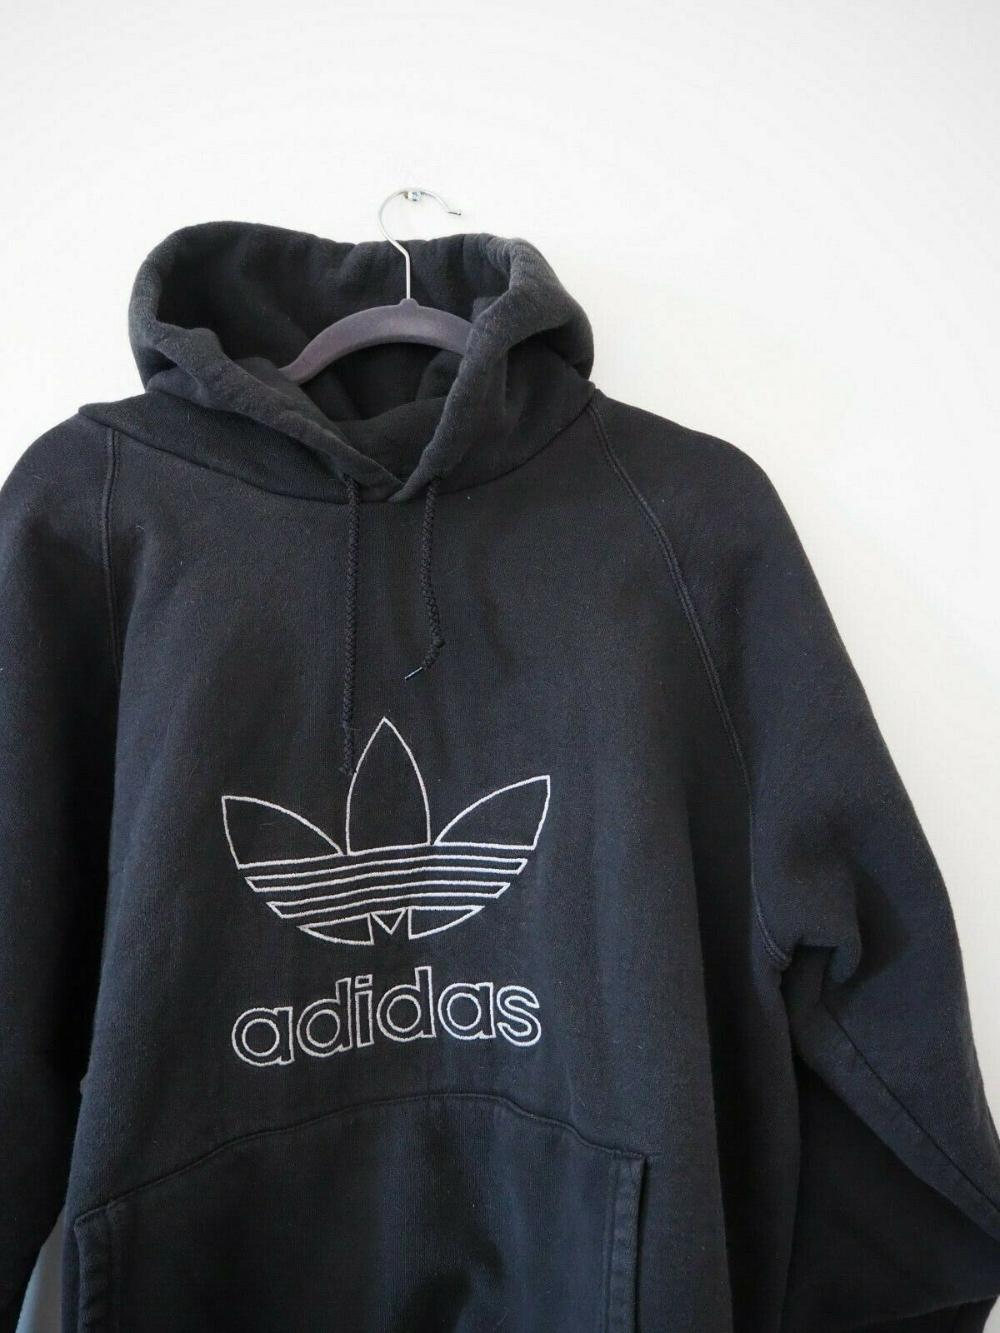 Mens Vintage Adidas Black Hoodie Sportswear Jumper Sweatshirt L Embroidered Logo Ebay Vintage Style Cozy Street Styl Vintage Hoodies Vintage Adidas Hoodies [ 1333 x 1000 Pixel ]